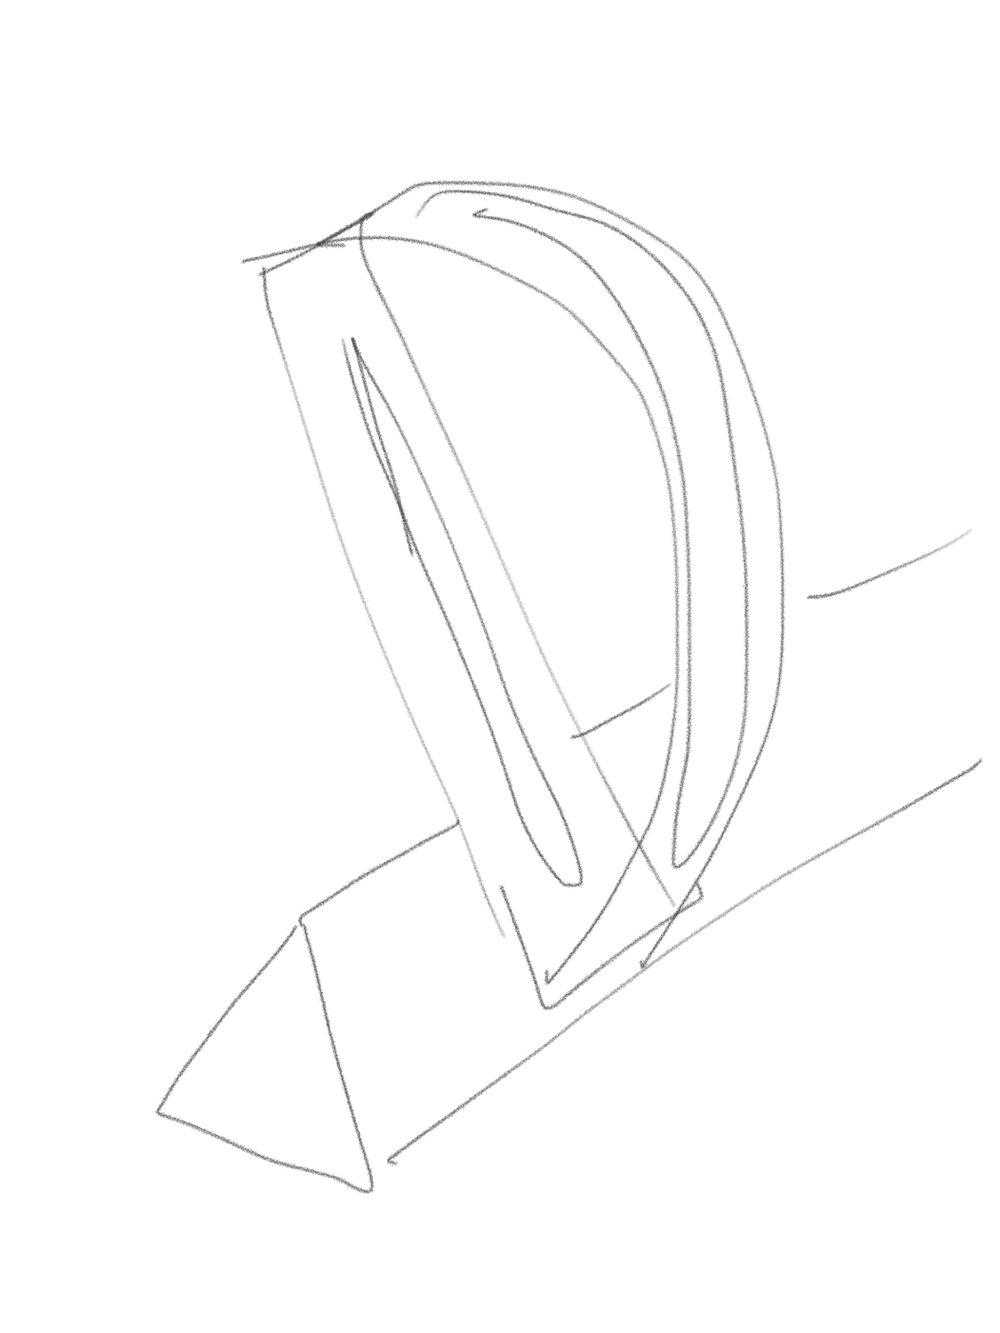 Sketch-227.jpg